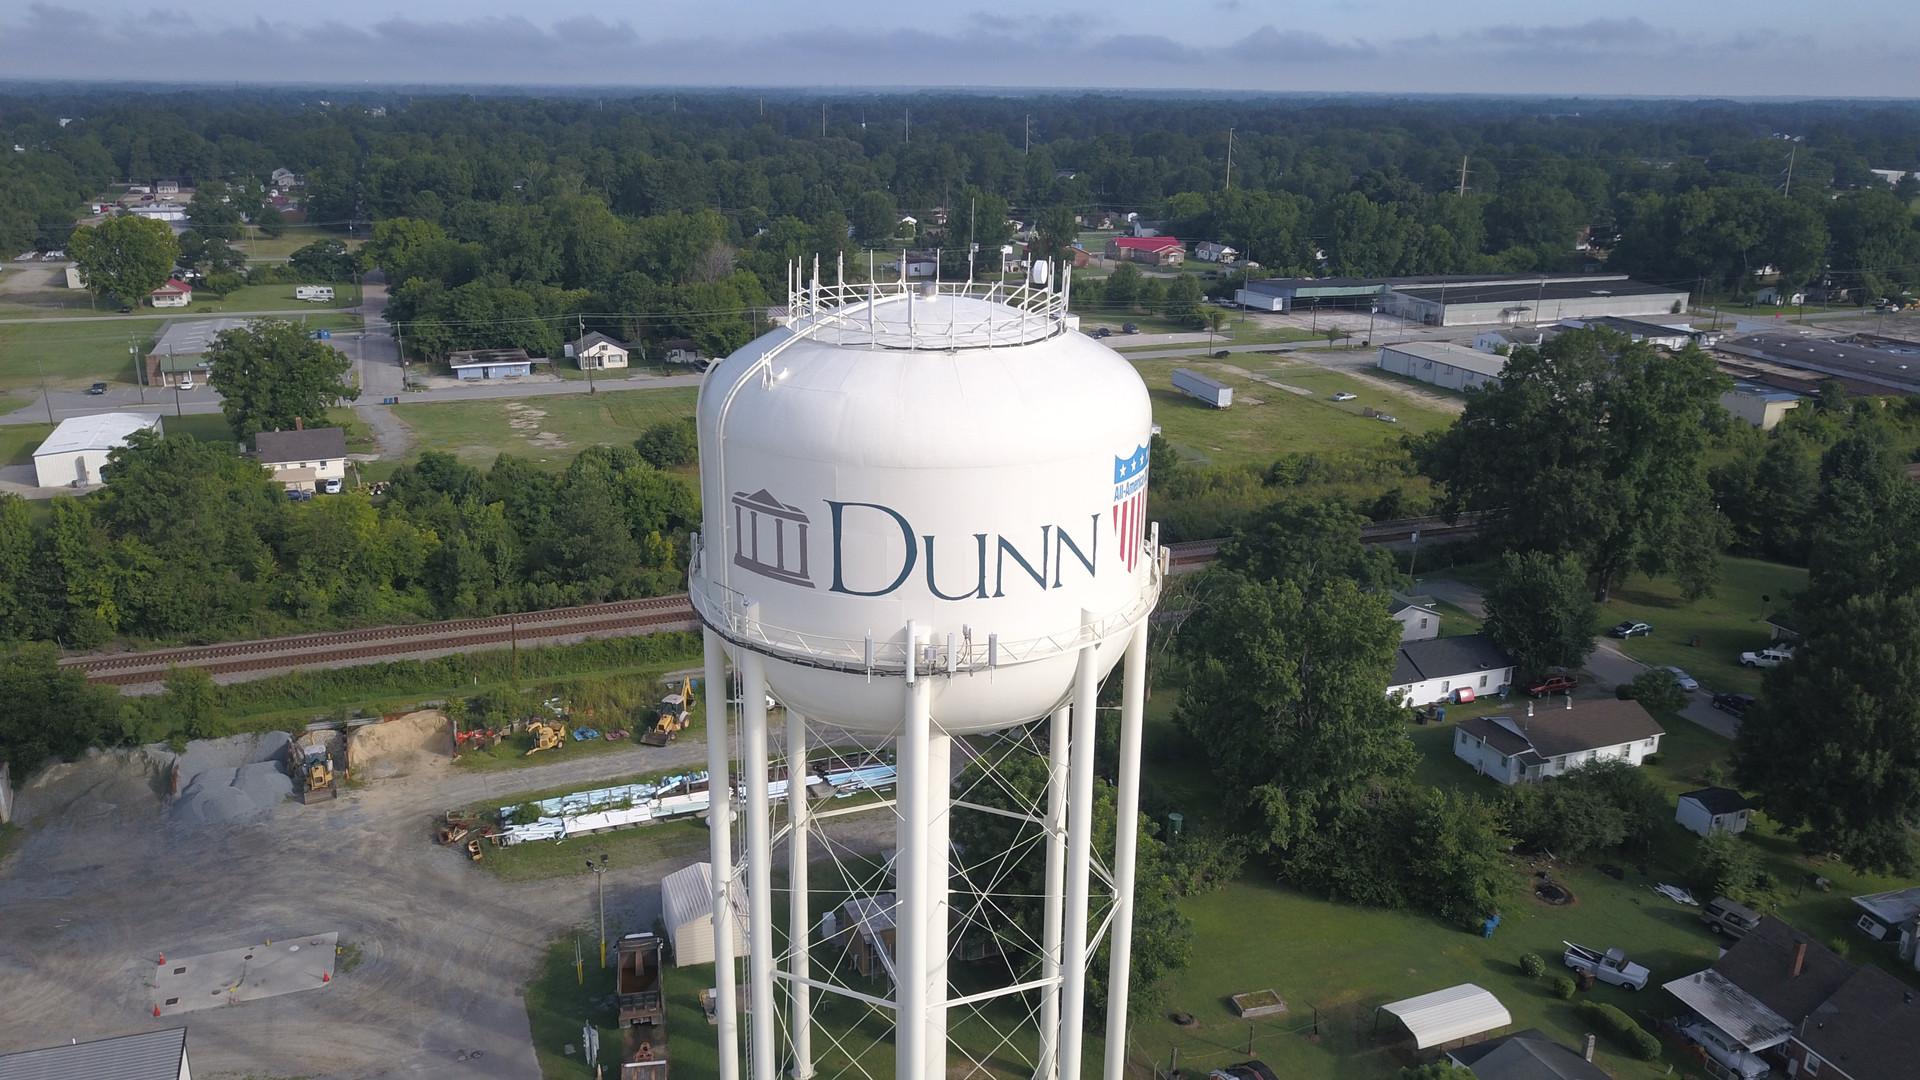 Dunn NC Based